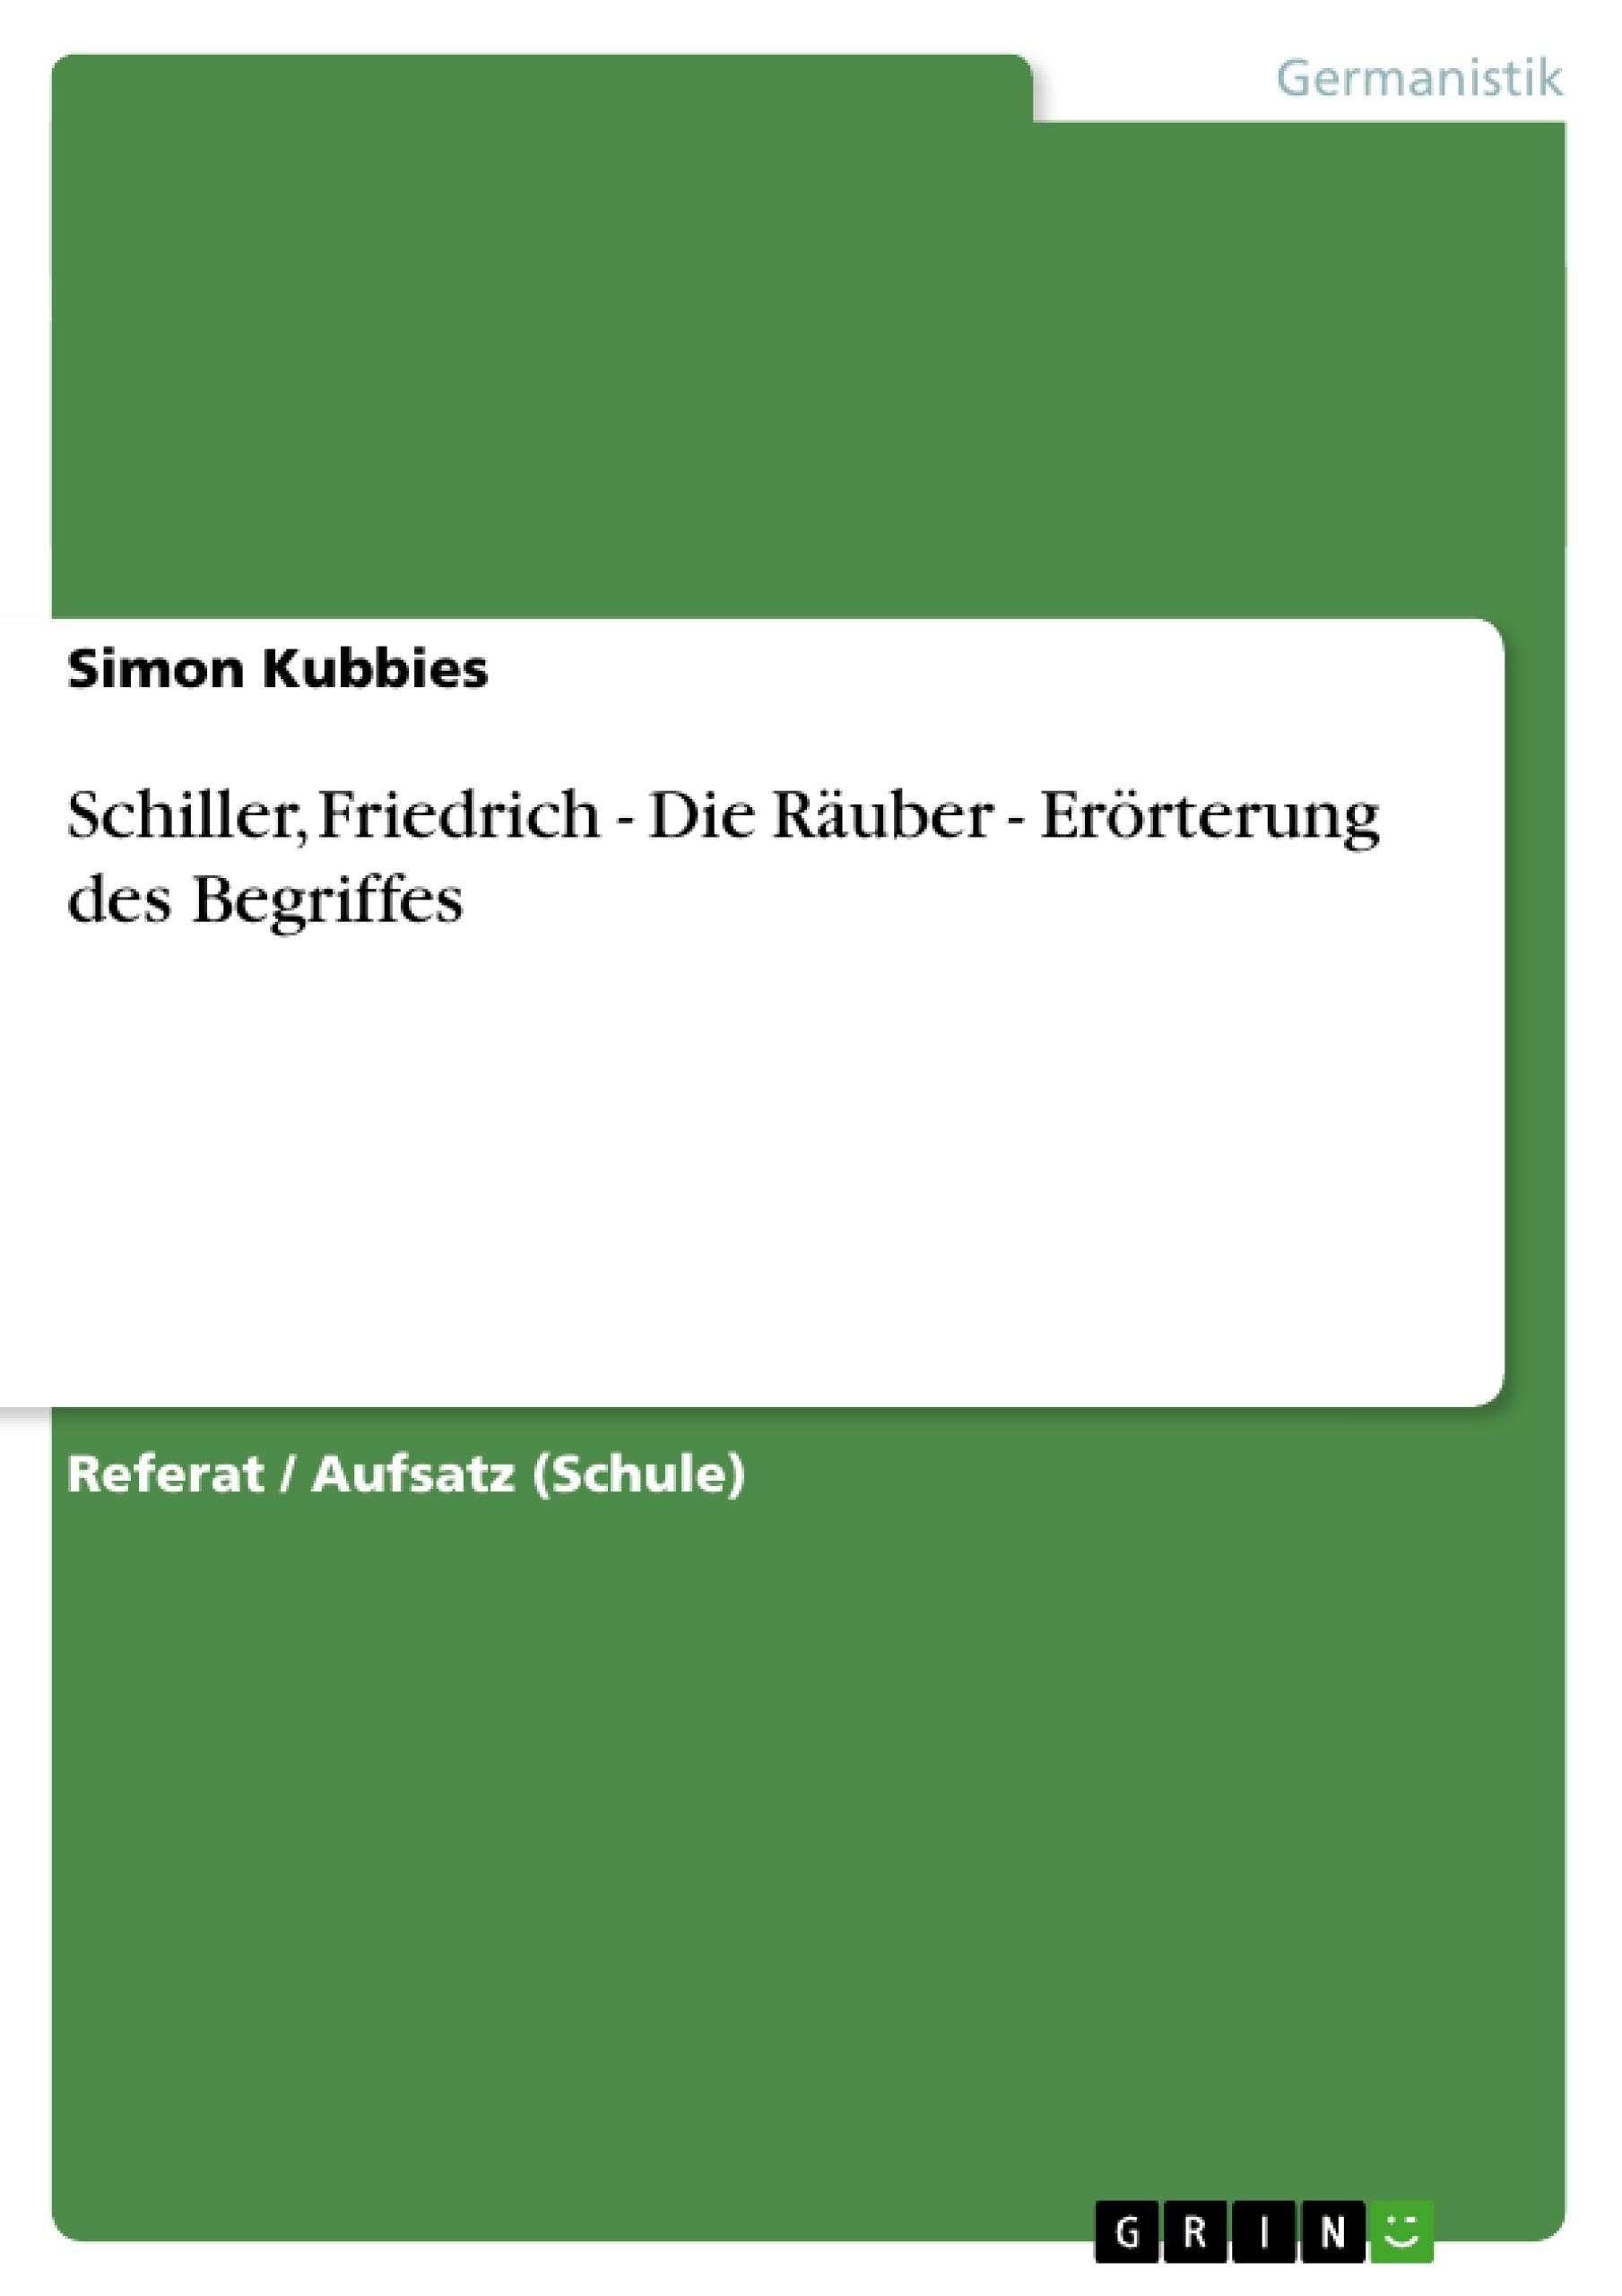 Titel: Schiller, Friedrich - Die Räuber - Erörterung des Begriffes